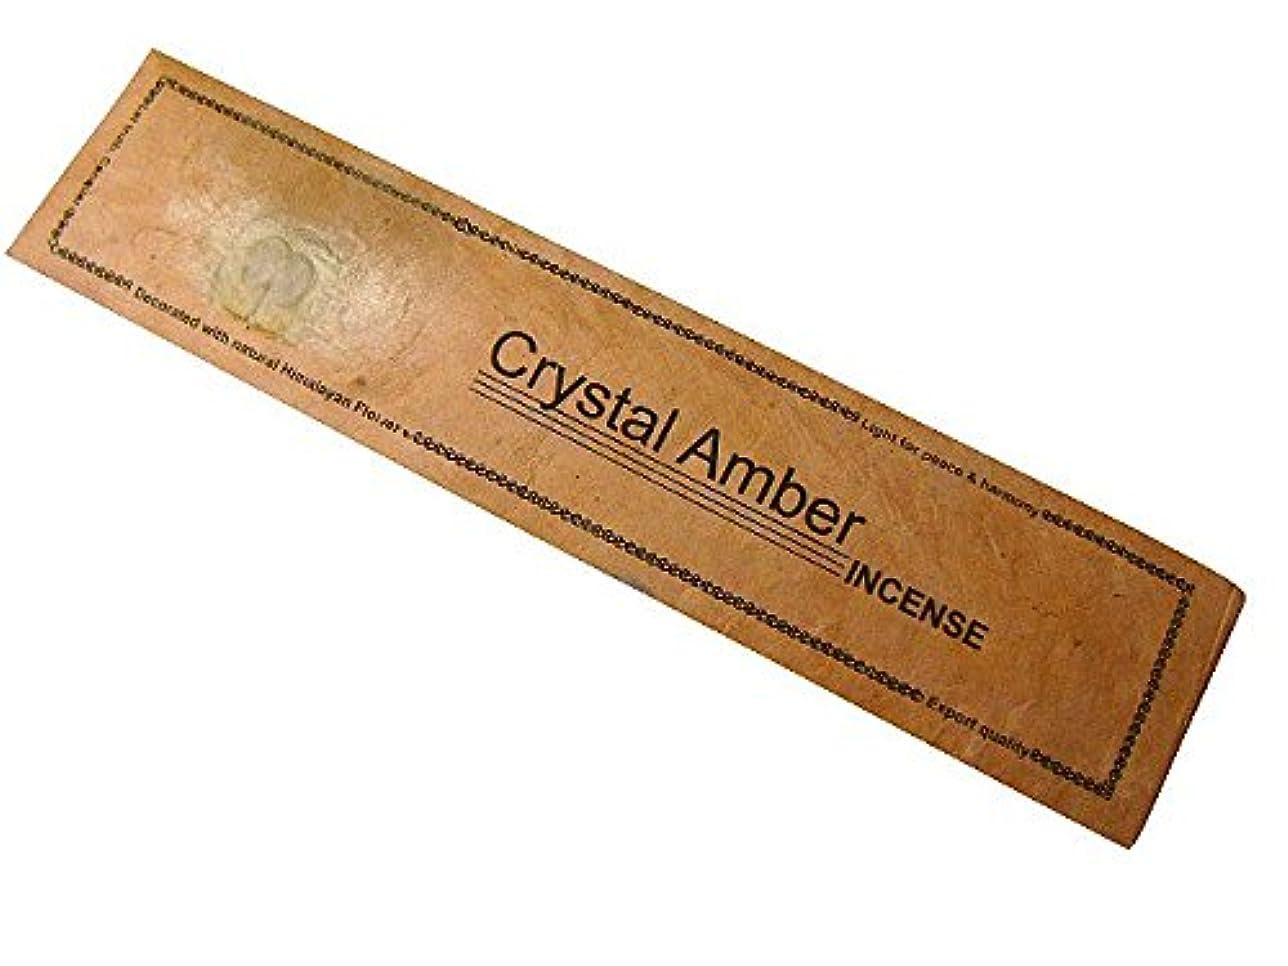 気分が良い焦げ困惑したNEPAL INCENSE ネパールのロクタ紙にヒマラヤの押し花のお香【CrystalAmberクリスタルアンバー】 スティック